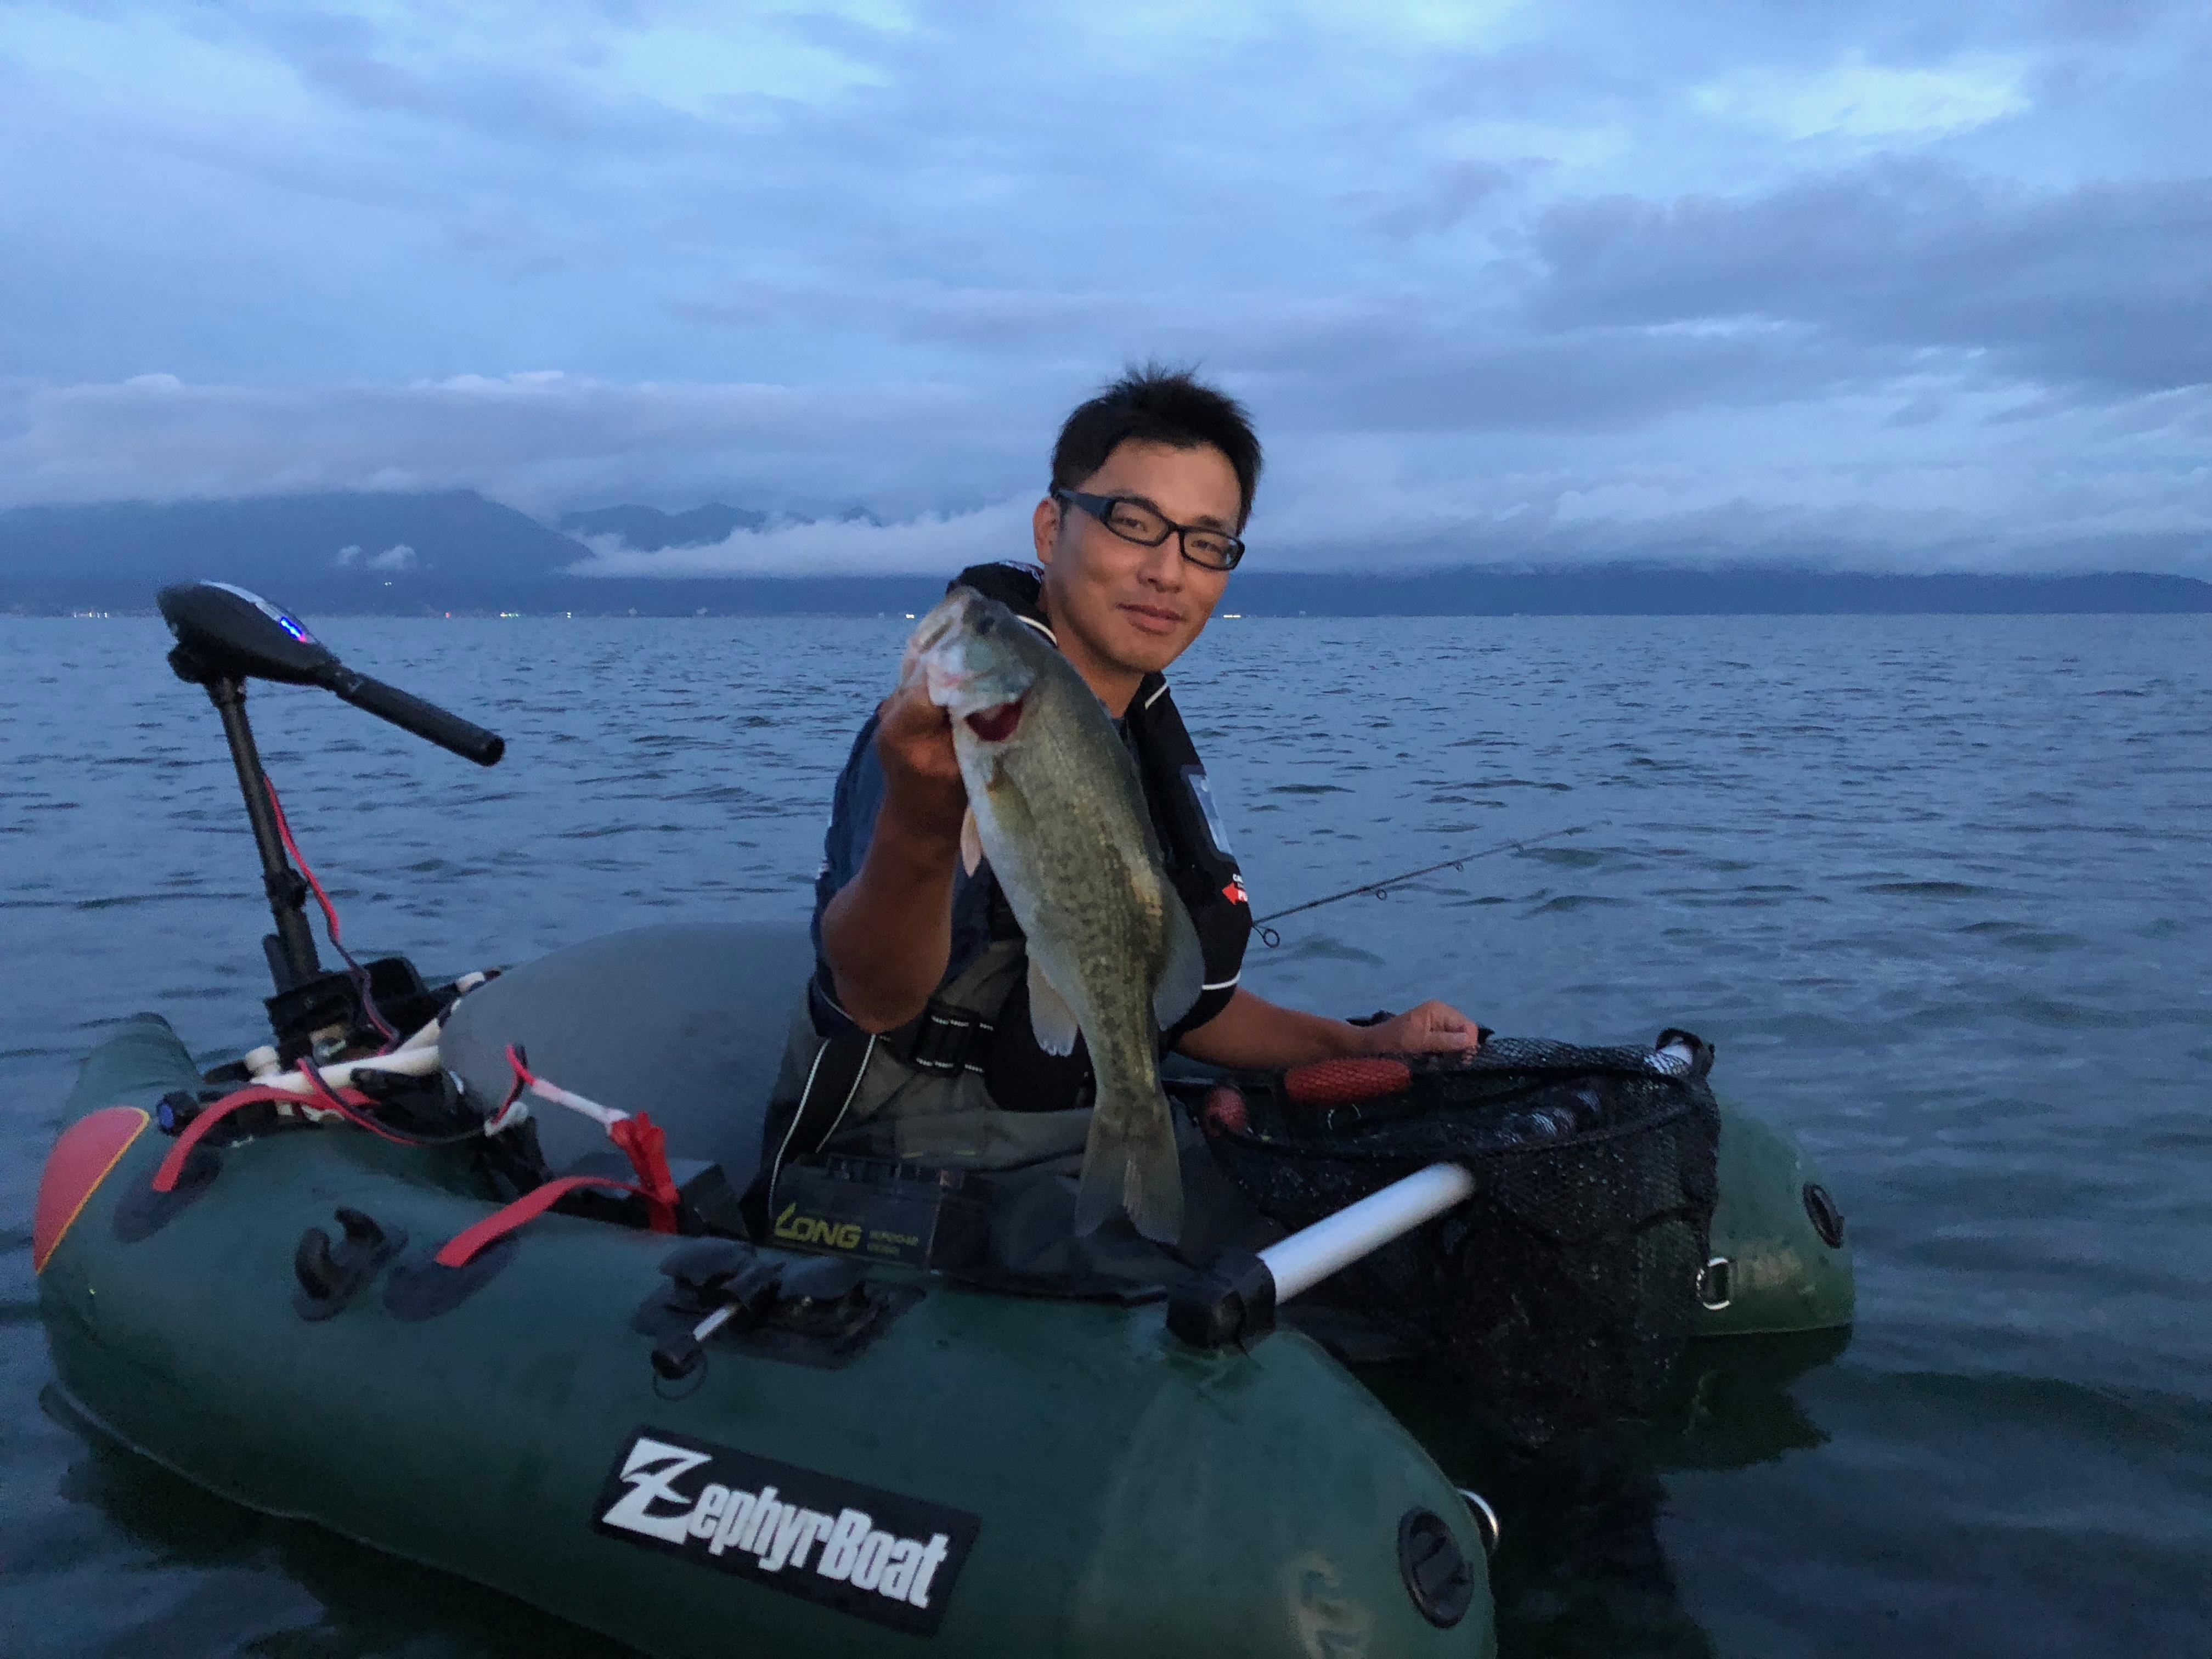 琵琶湖でアノスト漁礁で釣ったバス画像